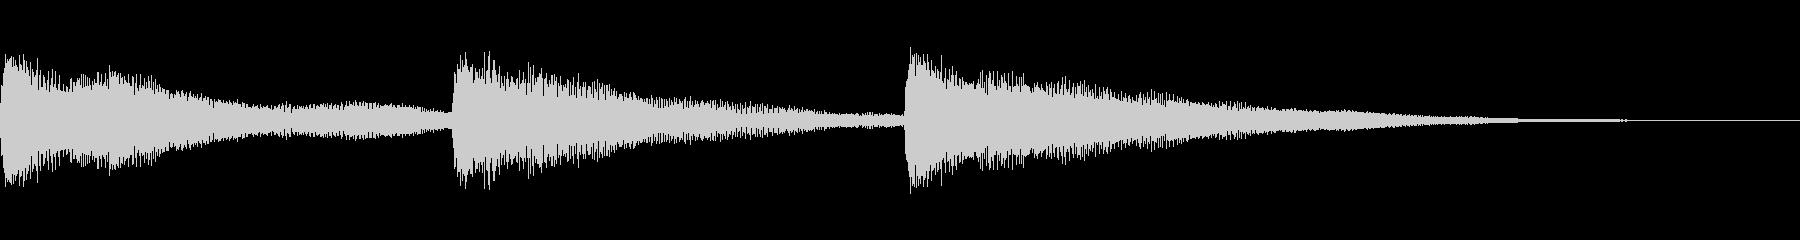 ピアノ お辞儀・礼の時の音2の未再生の波形